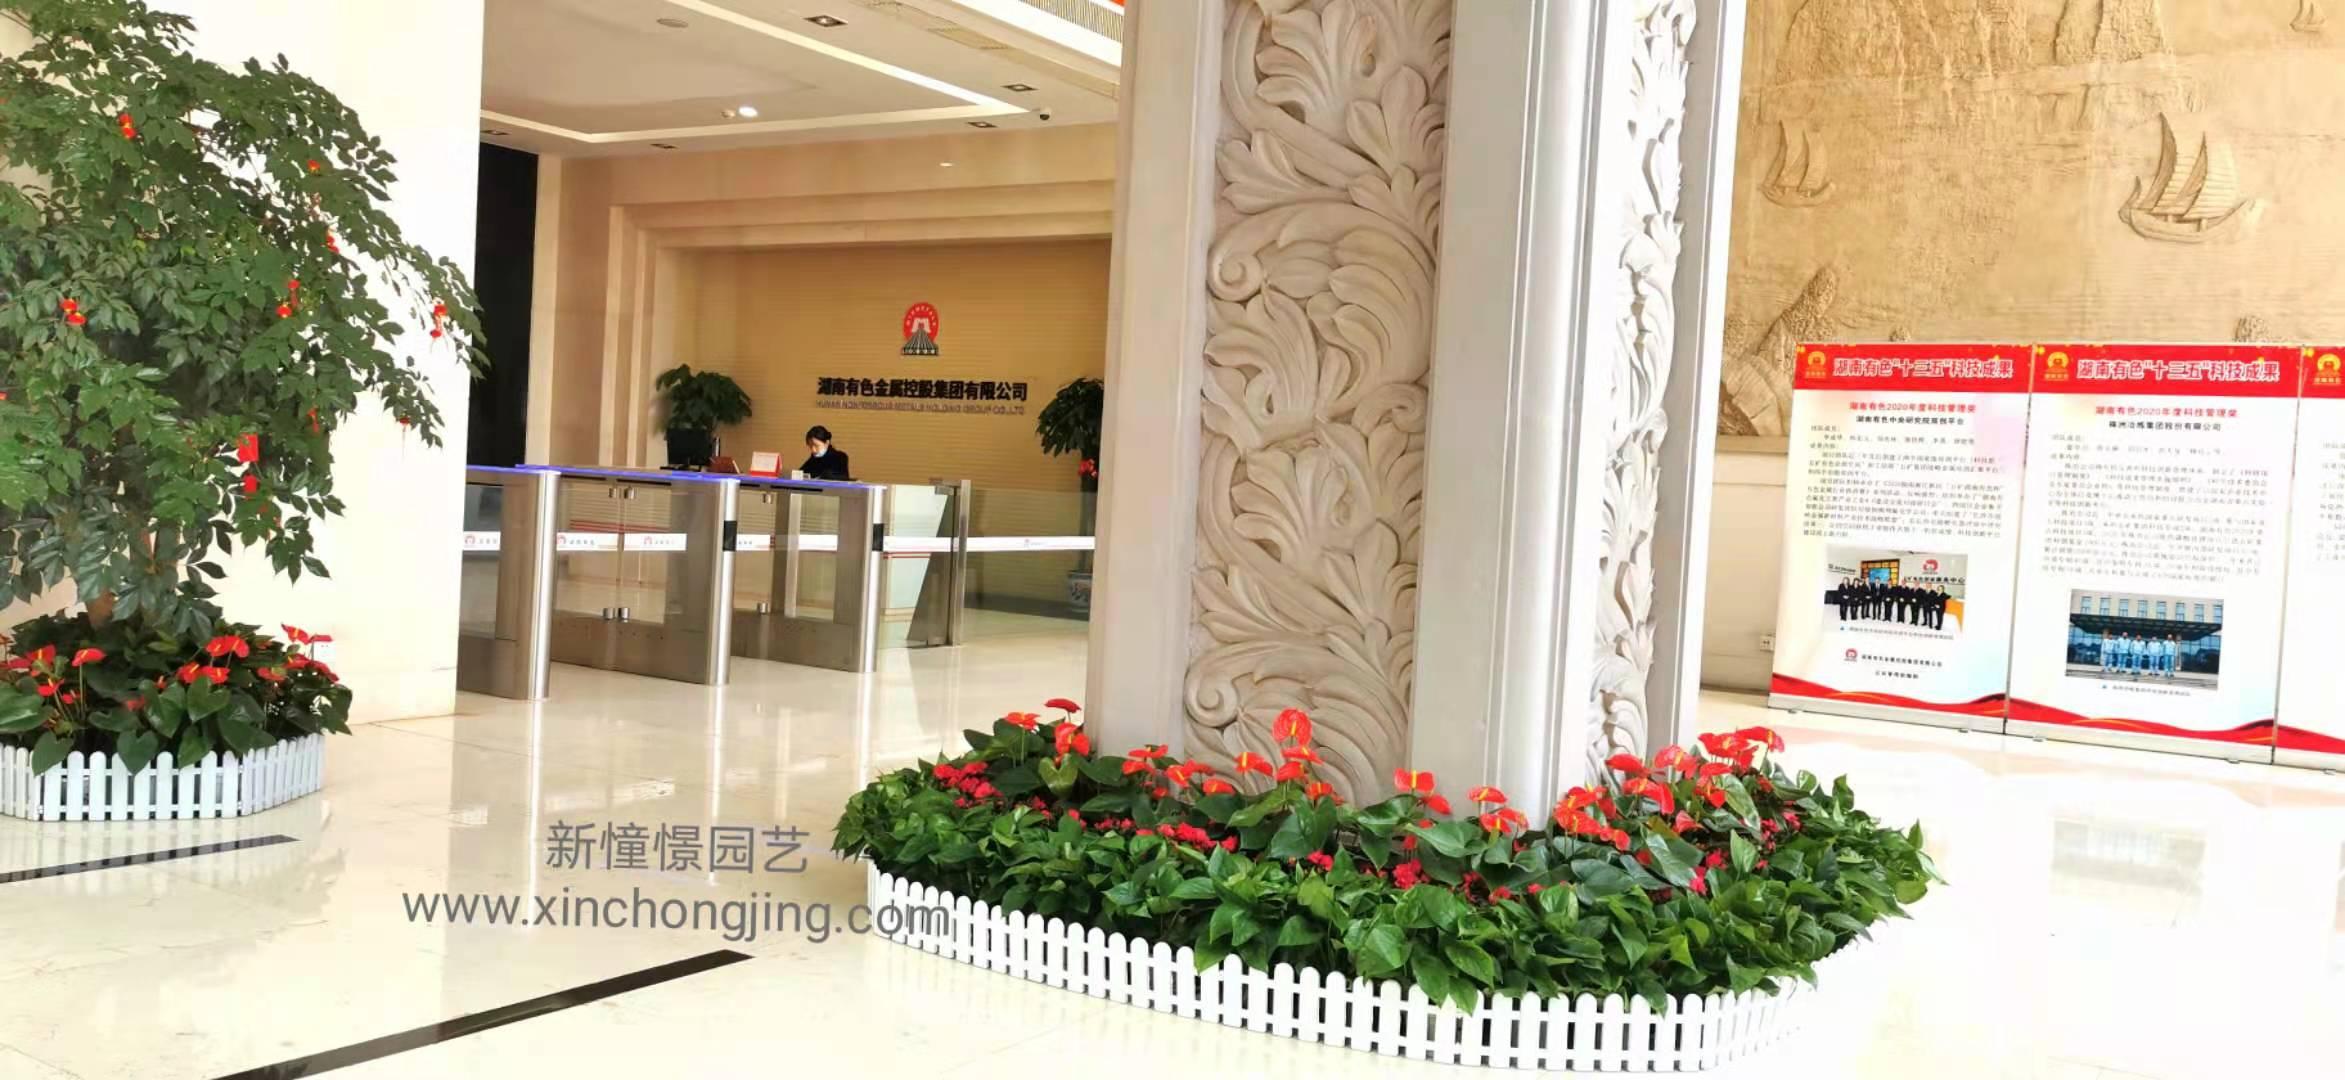 长沙花卉租摆——绿植租摆-办公楼摆花-公司总部摆花-五矿有色集团